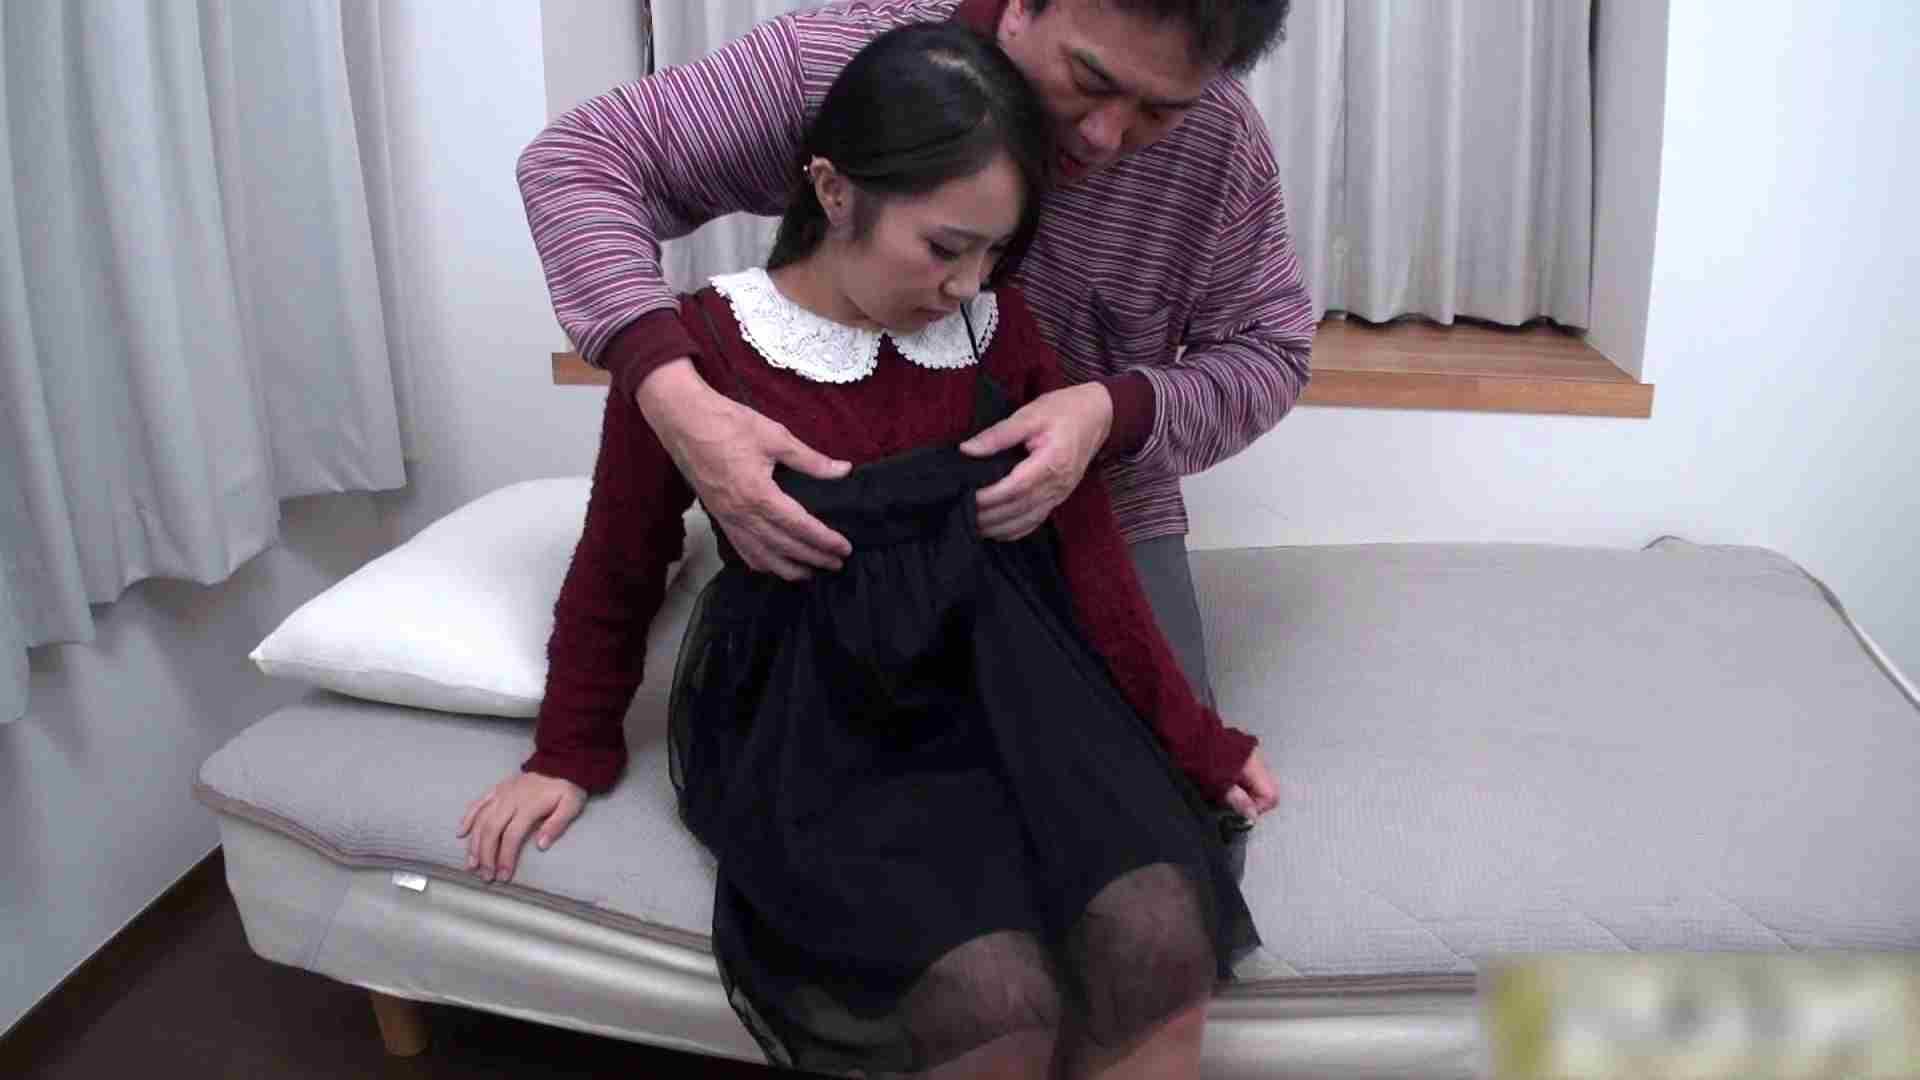 おしえてギャル子のH塾 Vol.12 前編 おっぱい特集 盗撮画像 101pic 18